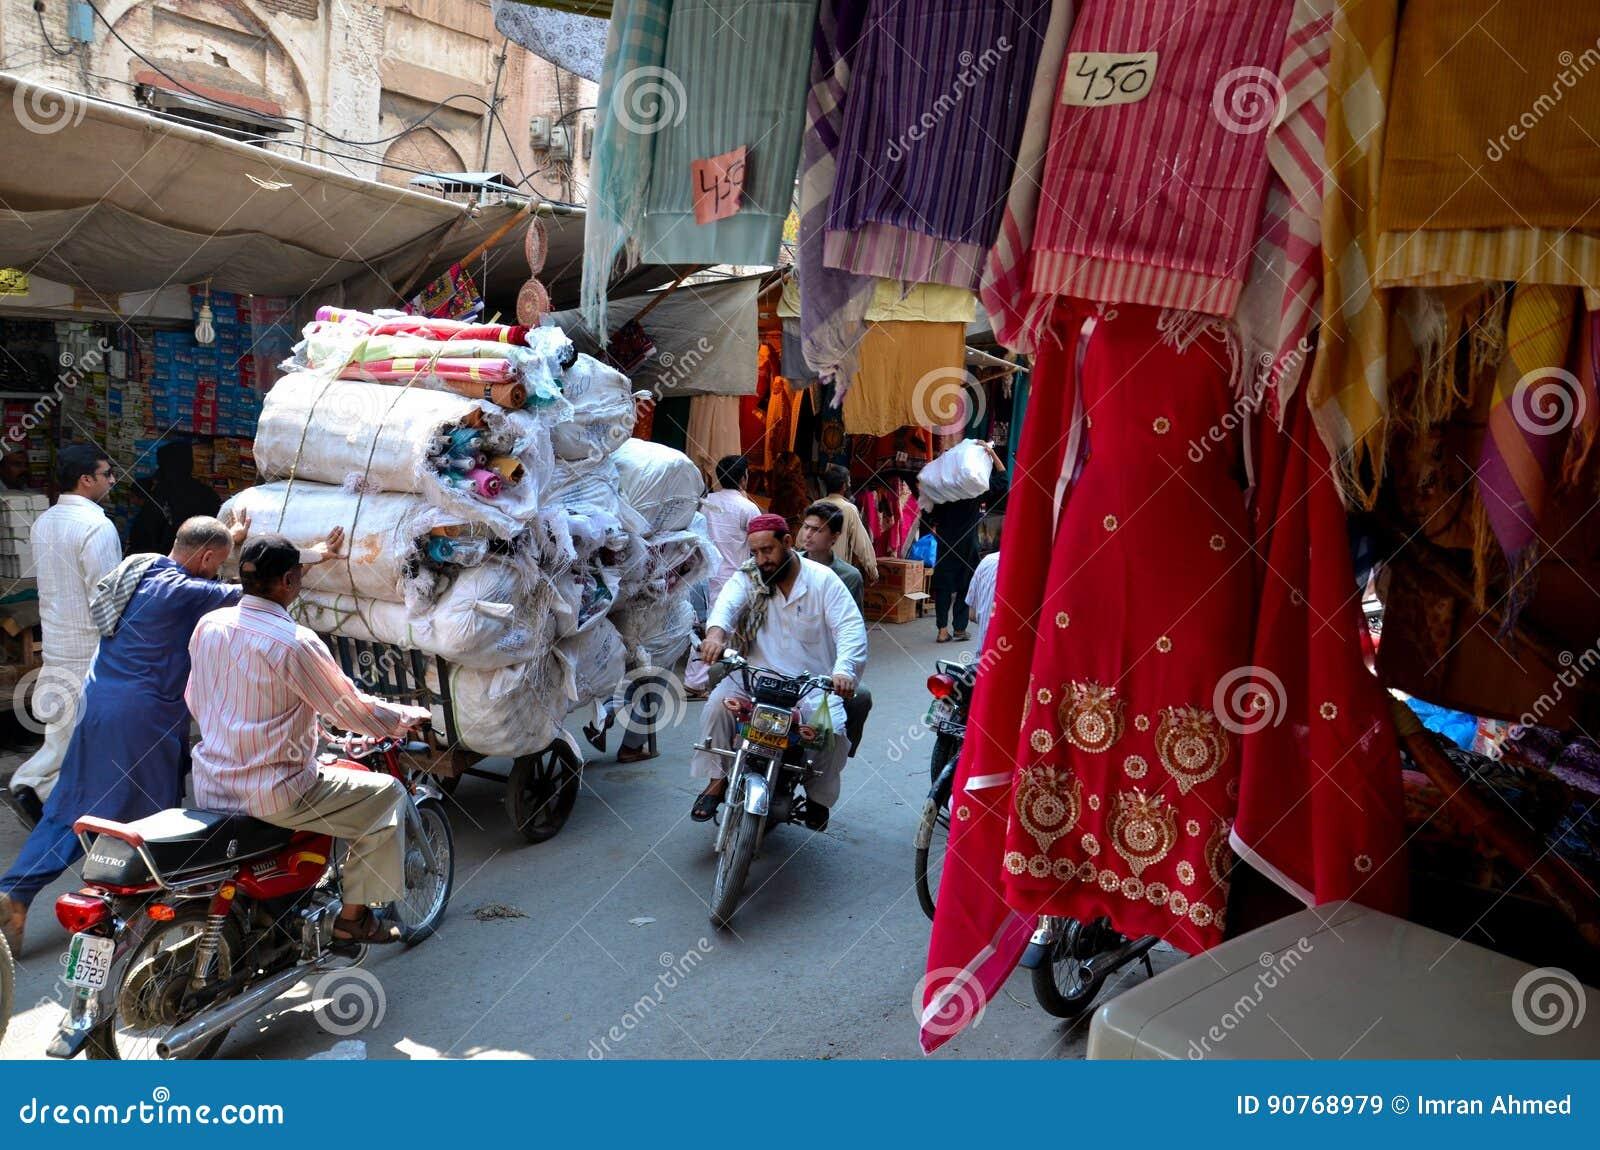 El paño taja el mercado tradicional interior del bazar en la ciudad emparedada Lahore Paquistán